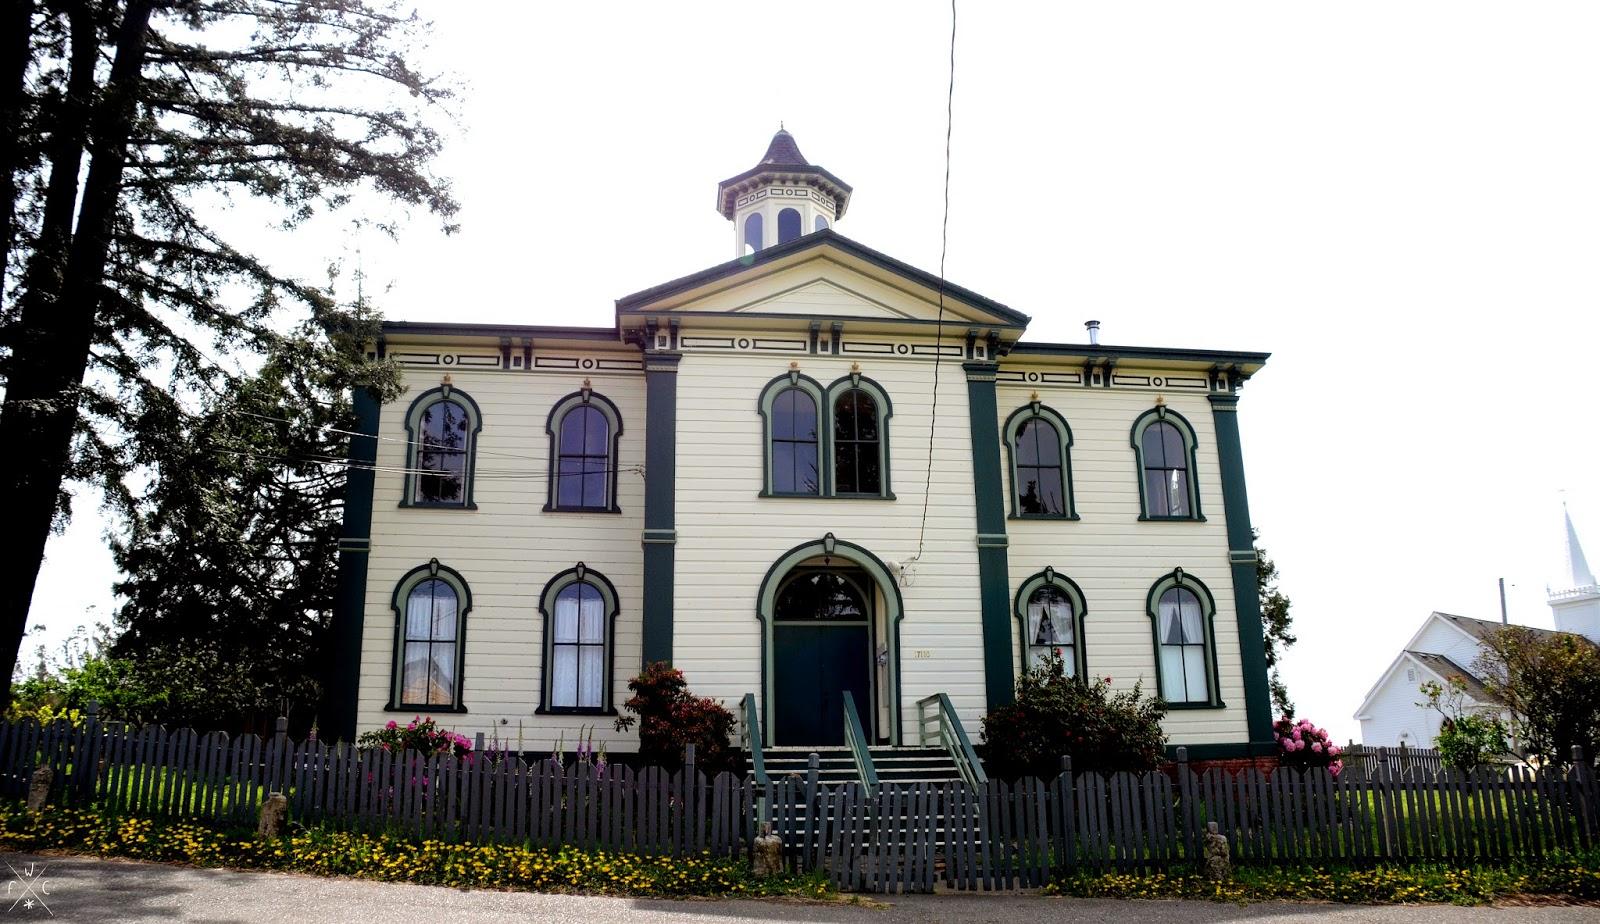 Les Oiseaux d'Alfred Hitchcock - Ecole, Bodega, Californie, USA